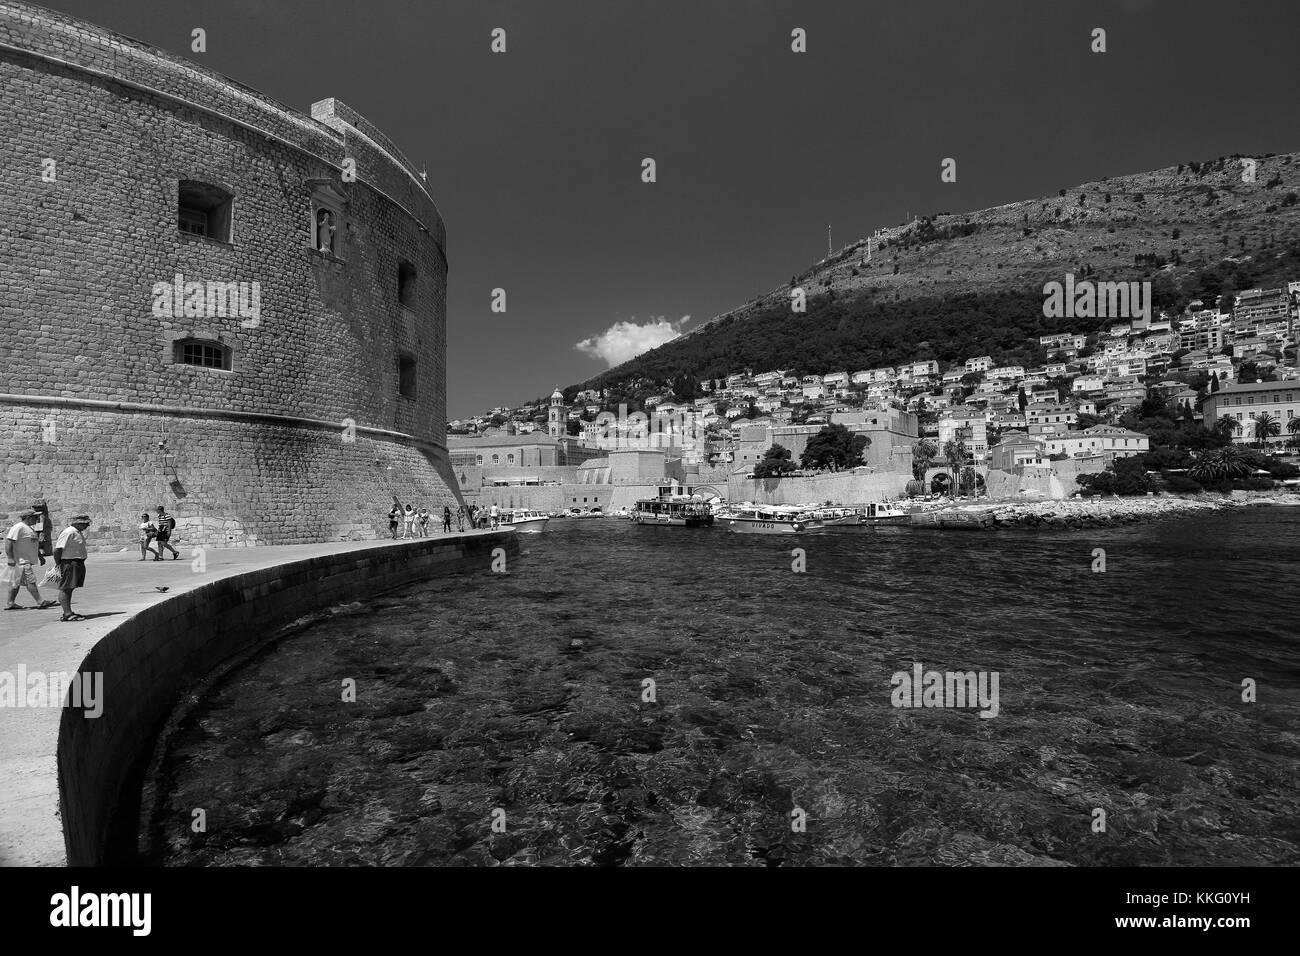 St Johns Fort, Dubrovnik City walls, Dalmatian coast, Adriatic Sea, Croatia, Balkans, Europe.  Dubrovnik is a UNESCO - Stock Image